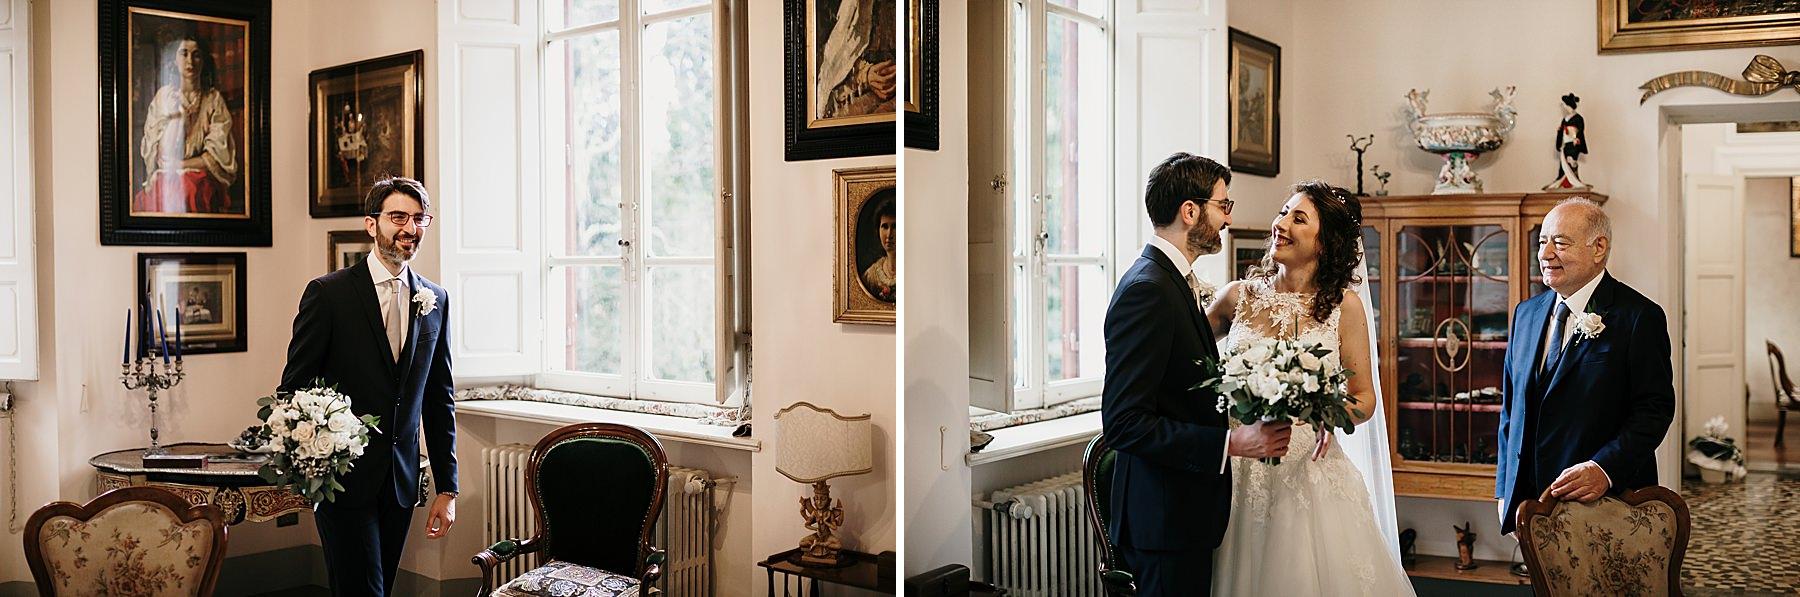 fotografia-di-matrimonio-a-firenze-in-inverno-738.JPG